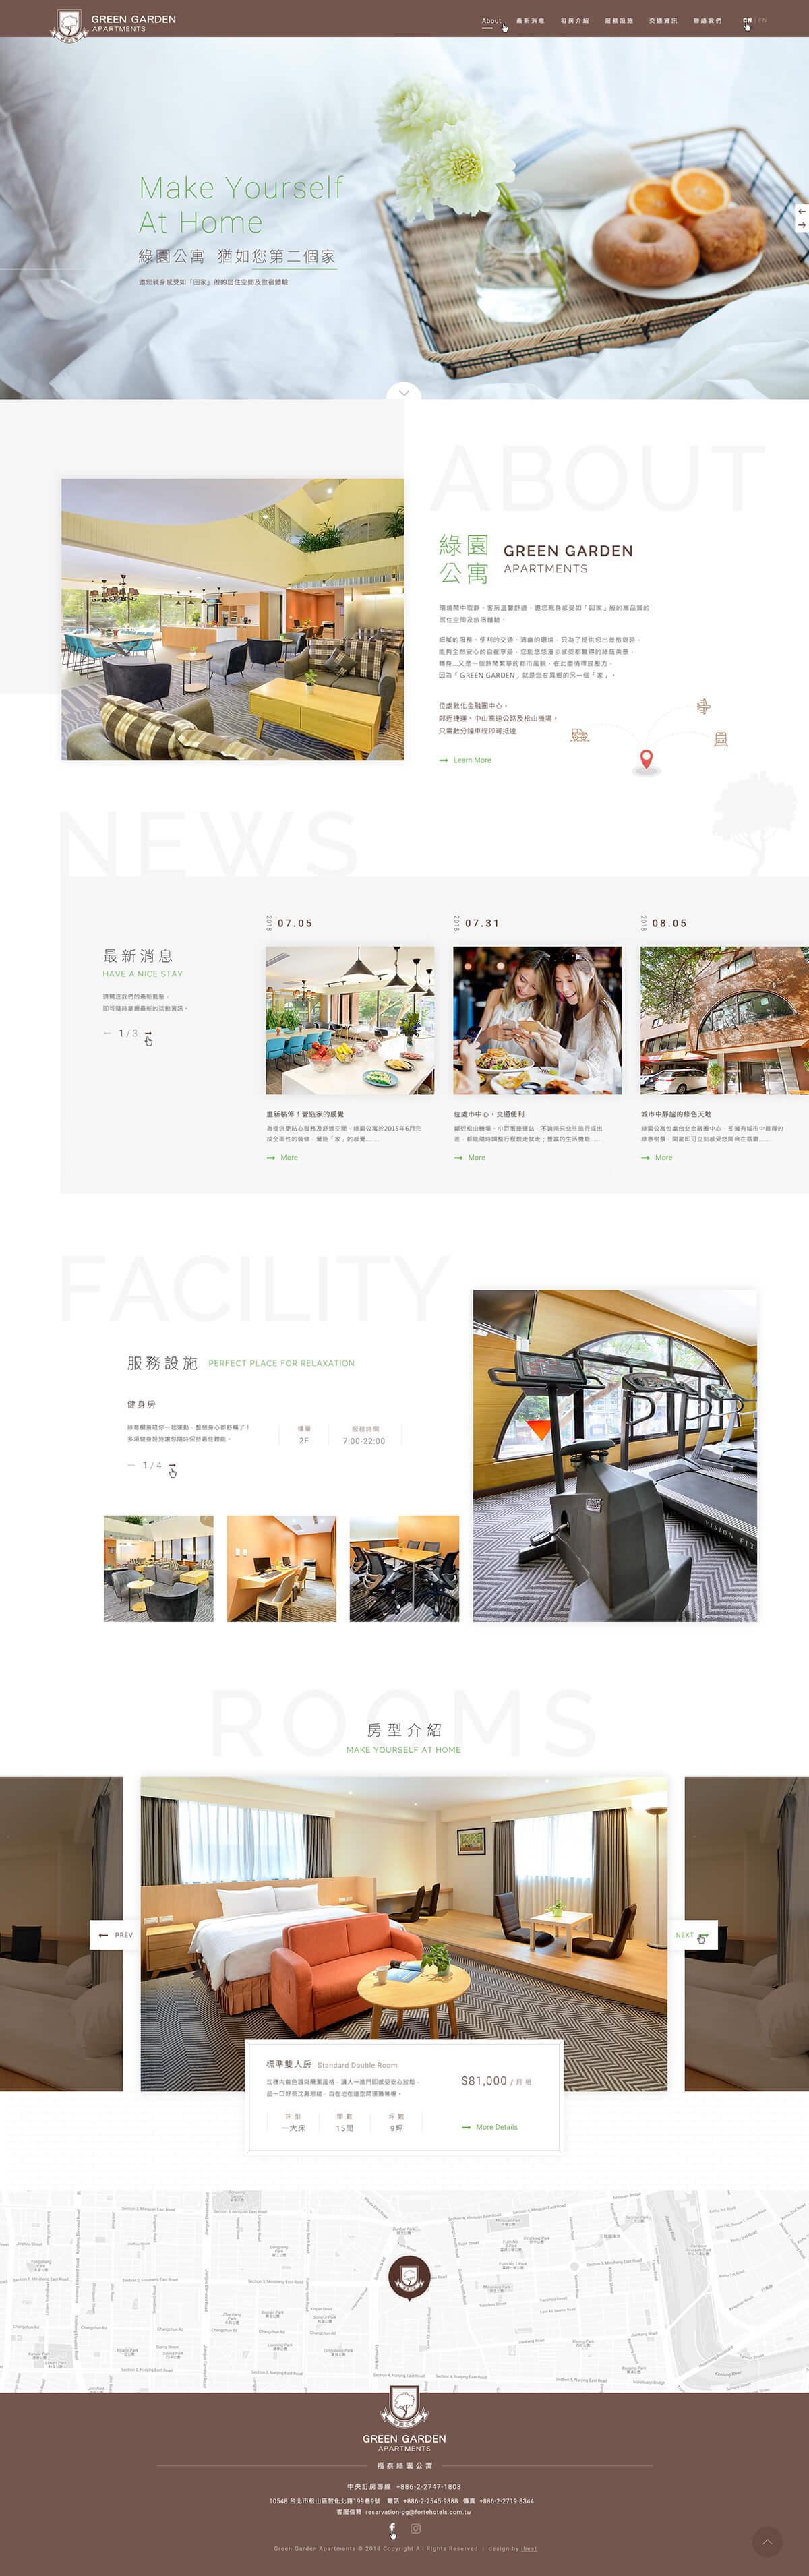 福泰綠園公寓-網頁設計